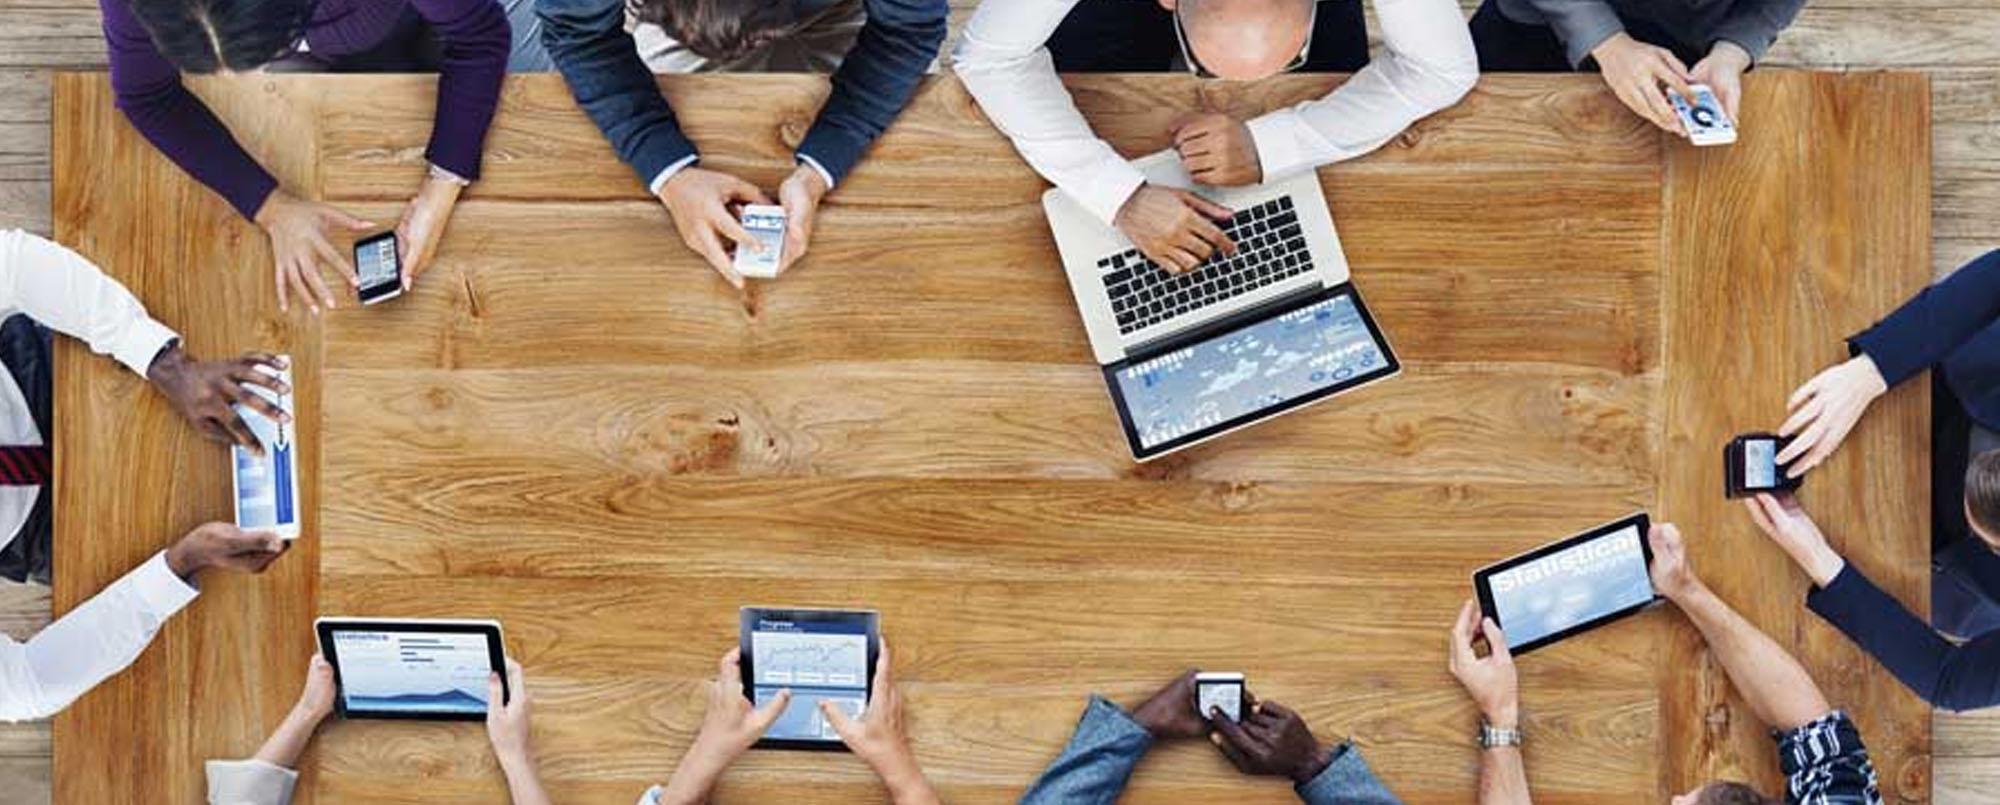 Faite la promotion de votre site internet en tant qu'annonceur sur notre régie publicitaire au CPM à partir de 1€